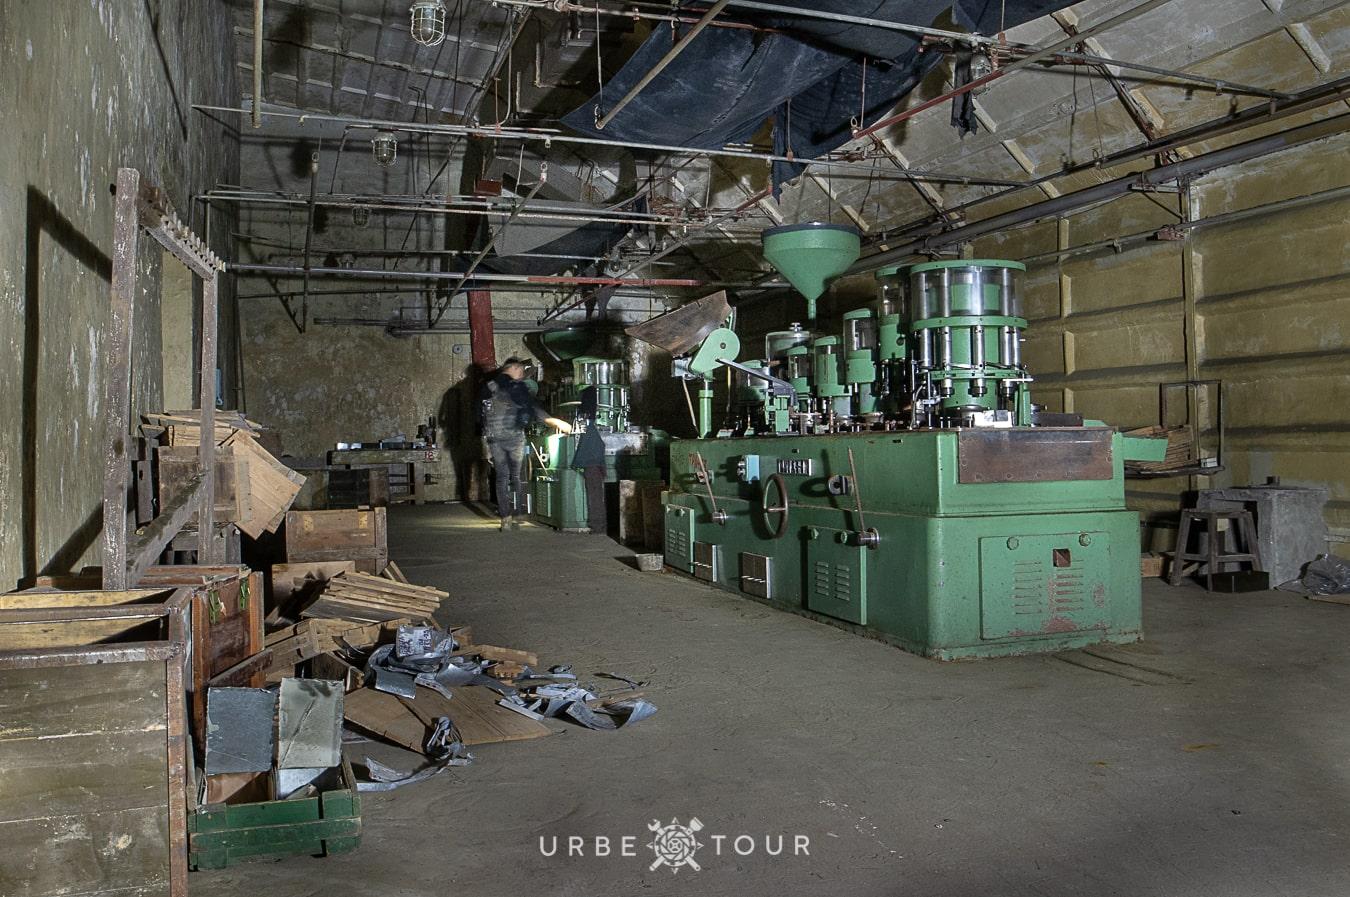 polican-communist-wearpon-underground-plant-1 Поличан: секретный военный бункер-завод коммунистов в горах Албании